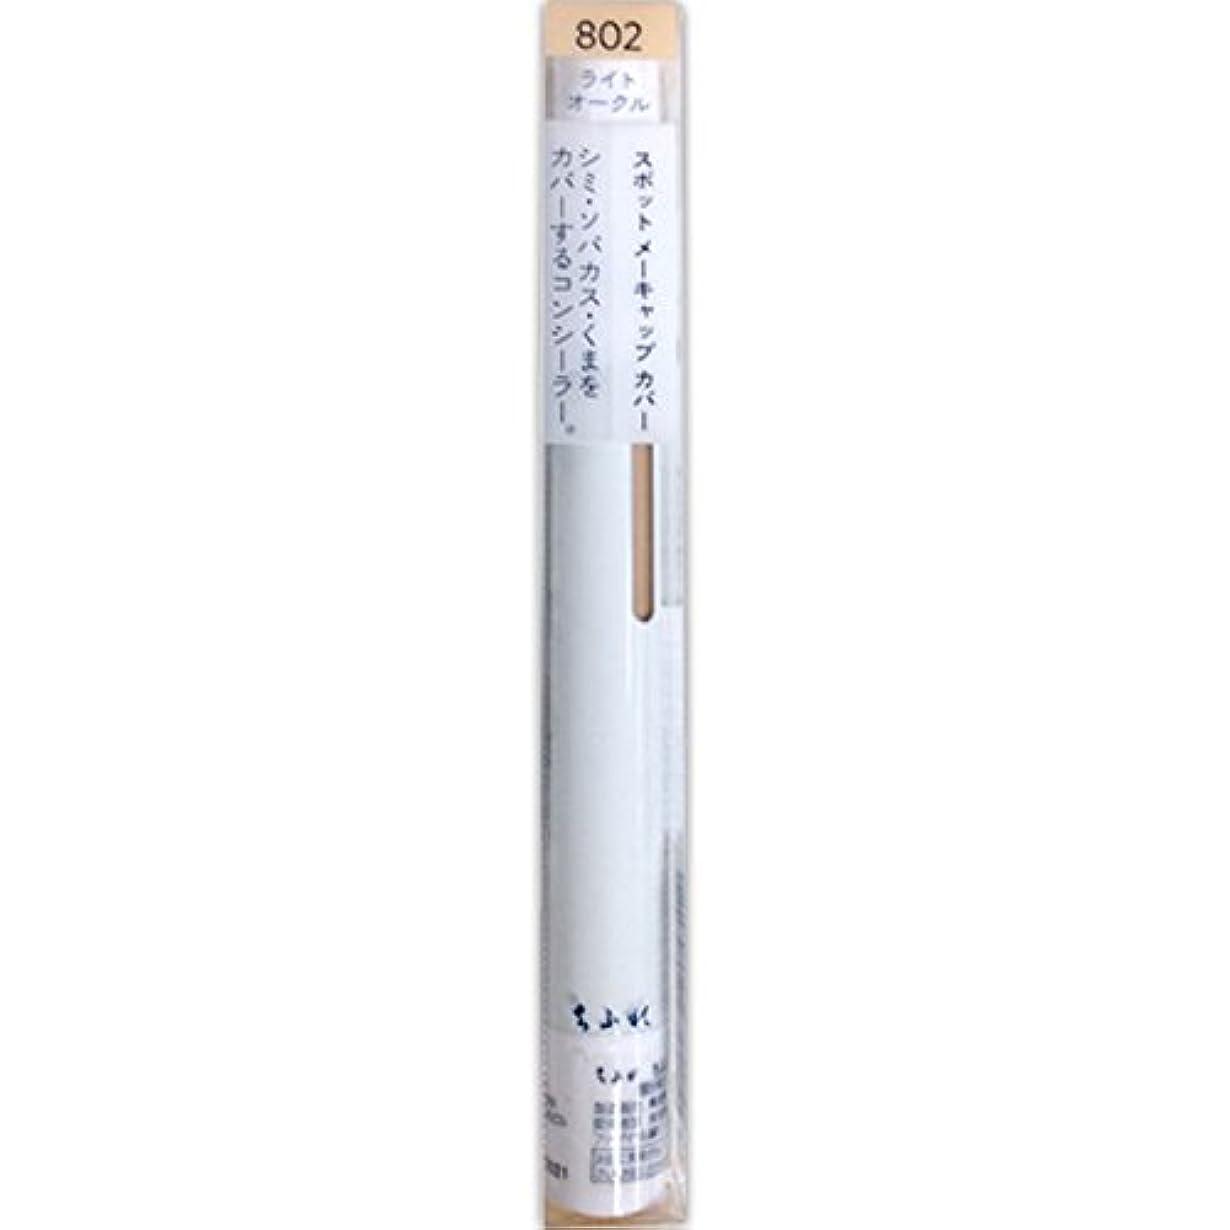 痴漢複雑な入場料ちふれ化粧品 スポット メーキャップ カバー 802 ライト オークル -